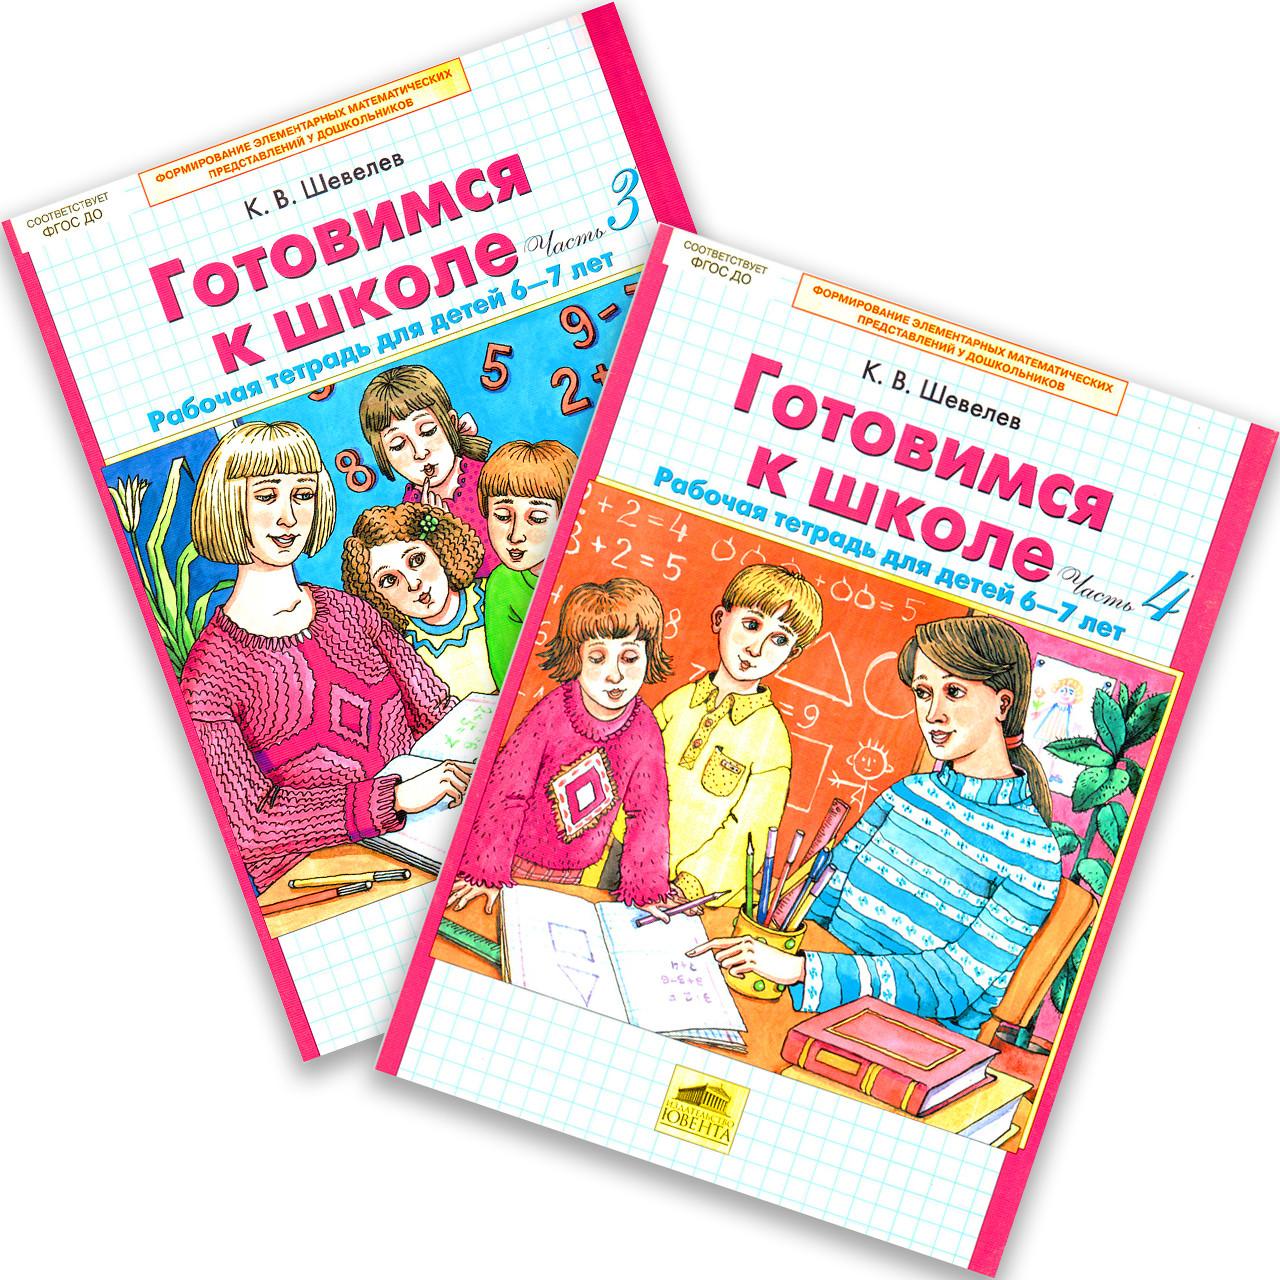 Готовимся к школе Тетрадь для детей 6-7 лет Части 3 и 4 Авт: Шевелев К. Изд: Ювента